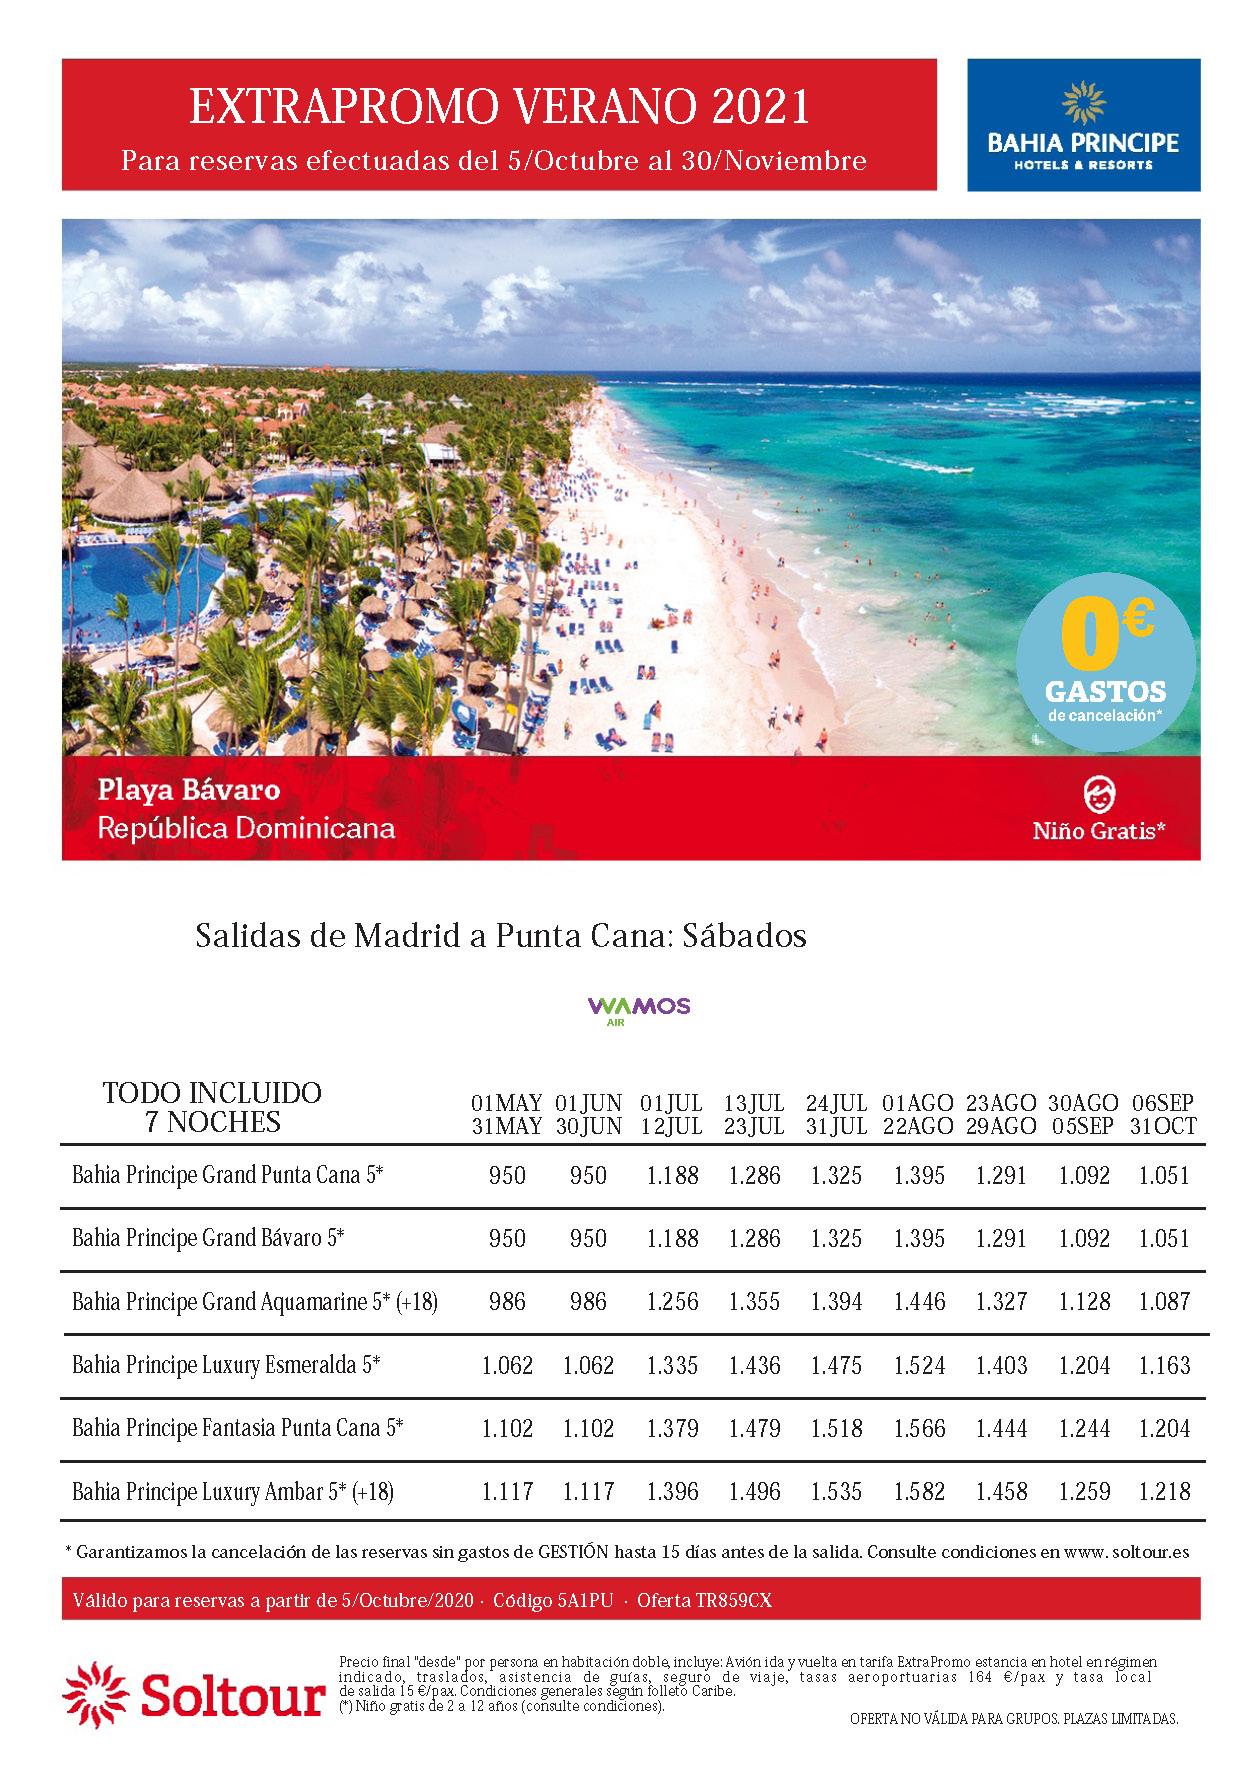 Oferta Soltour Vacaciones en Playa Bavaro Republica Dominicana hoteles Bahia Principe Verano 2021 niño gratis